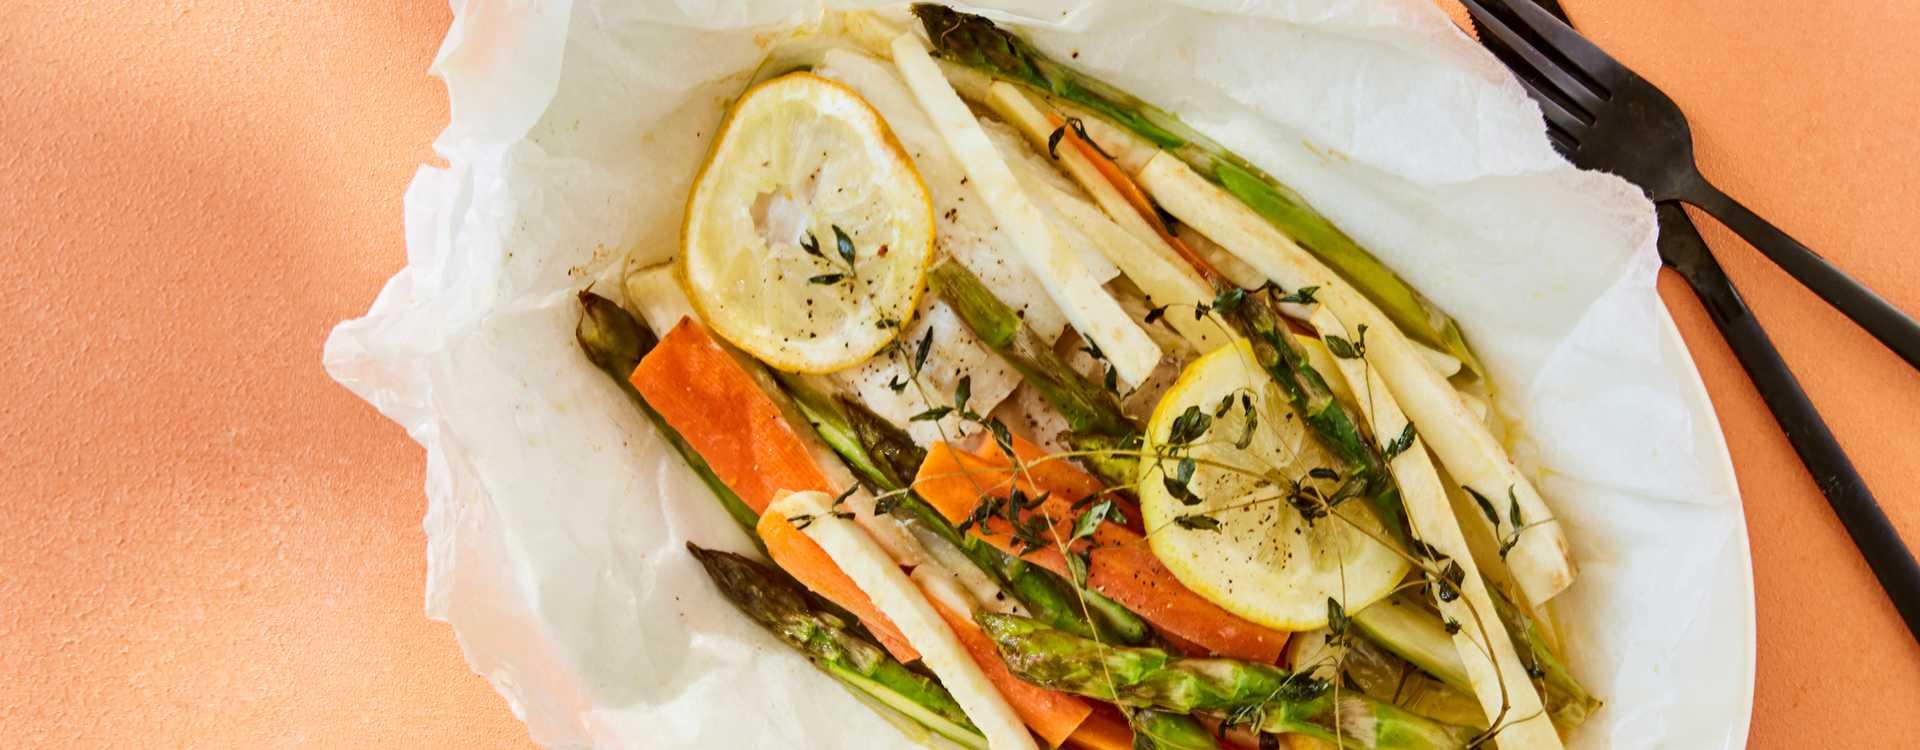 Ovnsbakt torsk med rotgrønnsaker og asparges